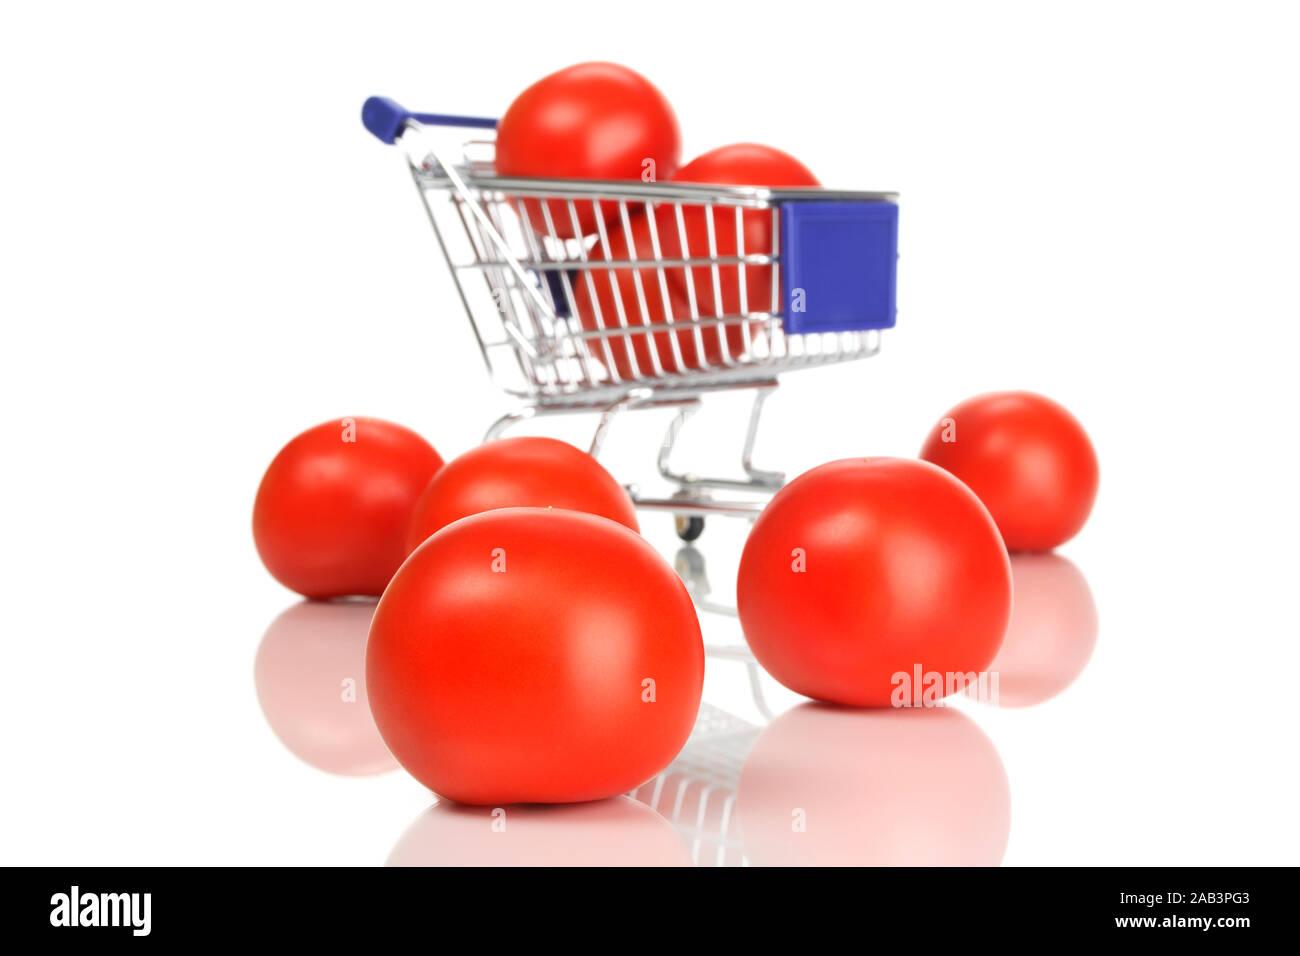 Einkaufswagen und Tomaten Stock Photo